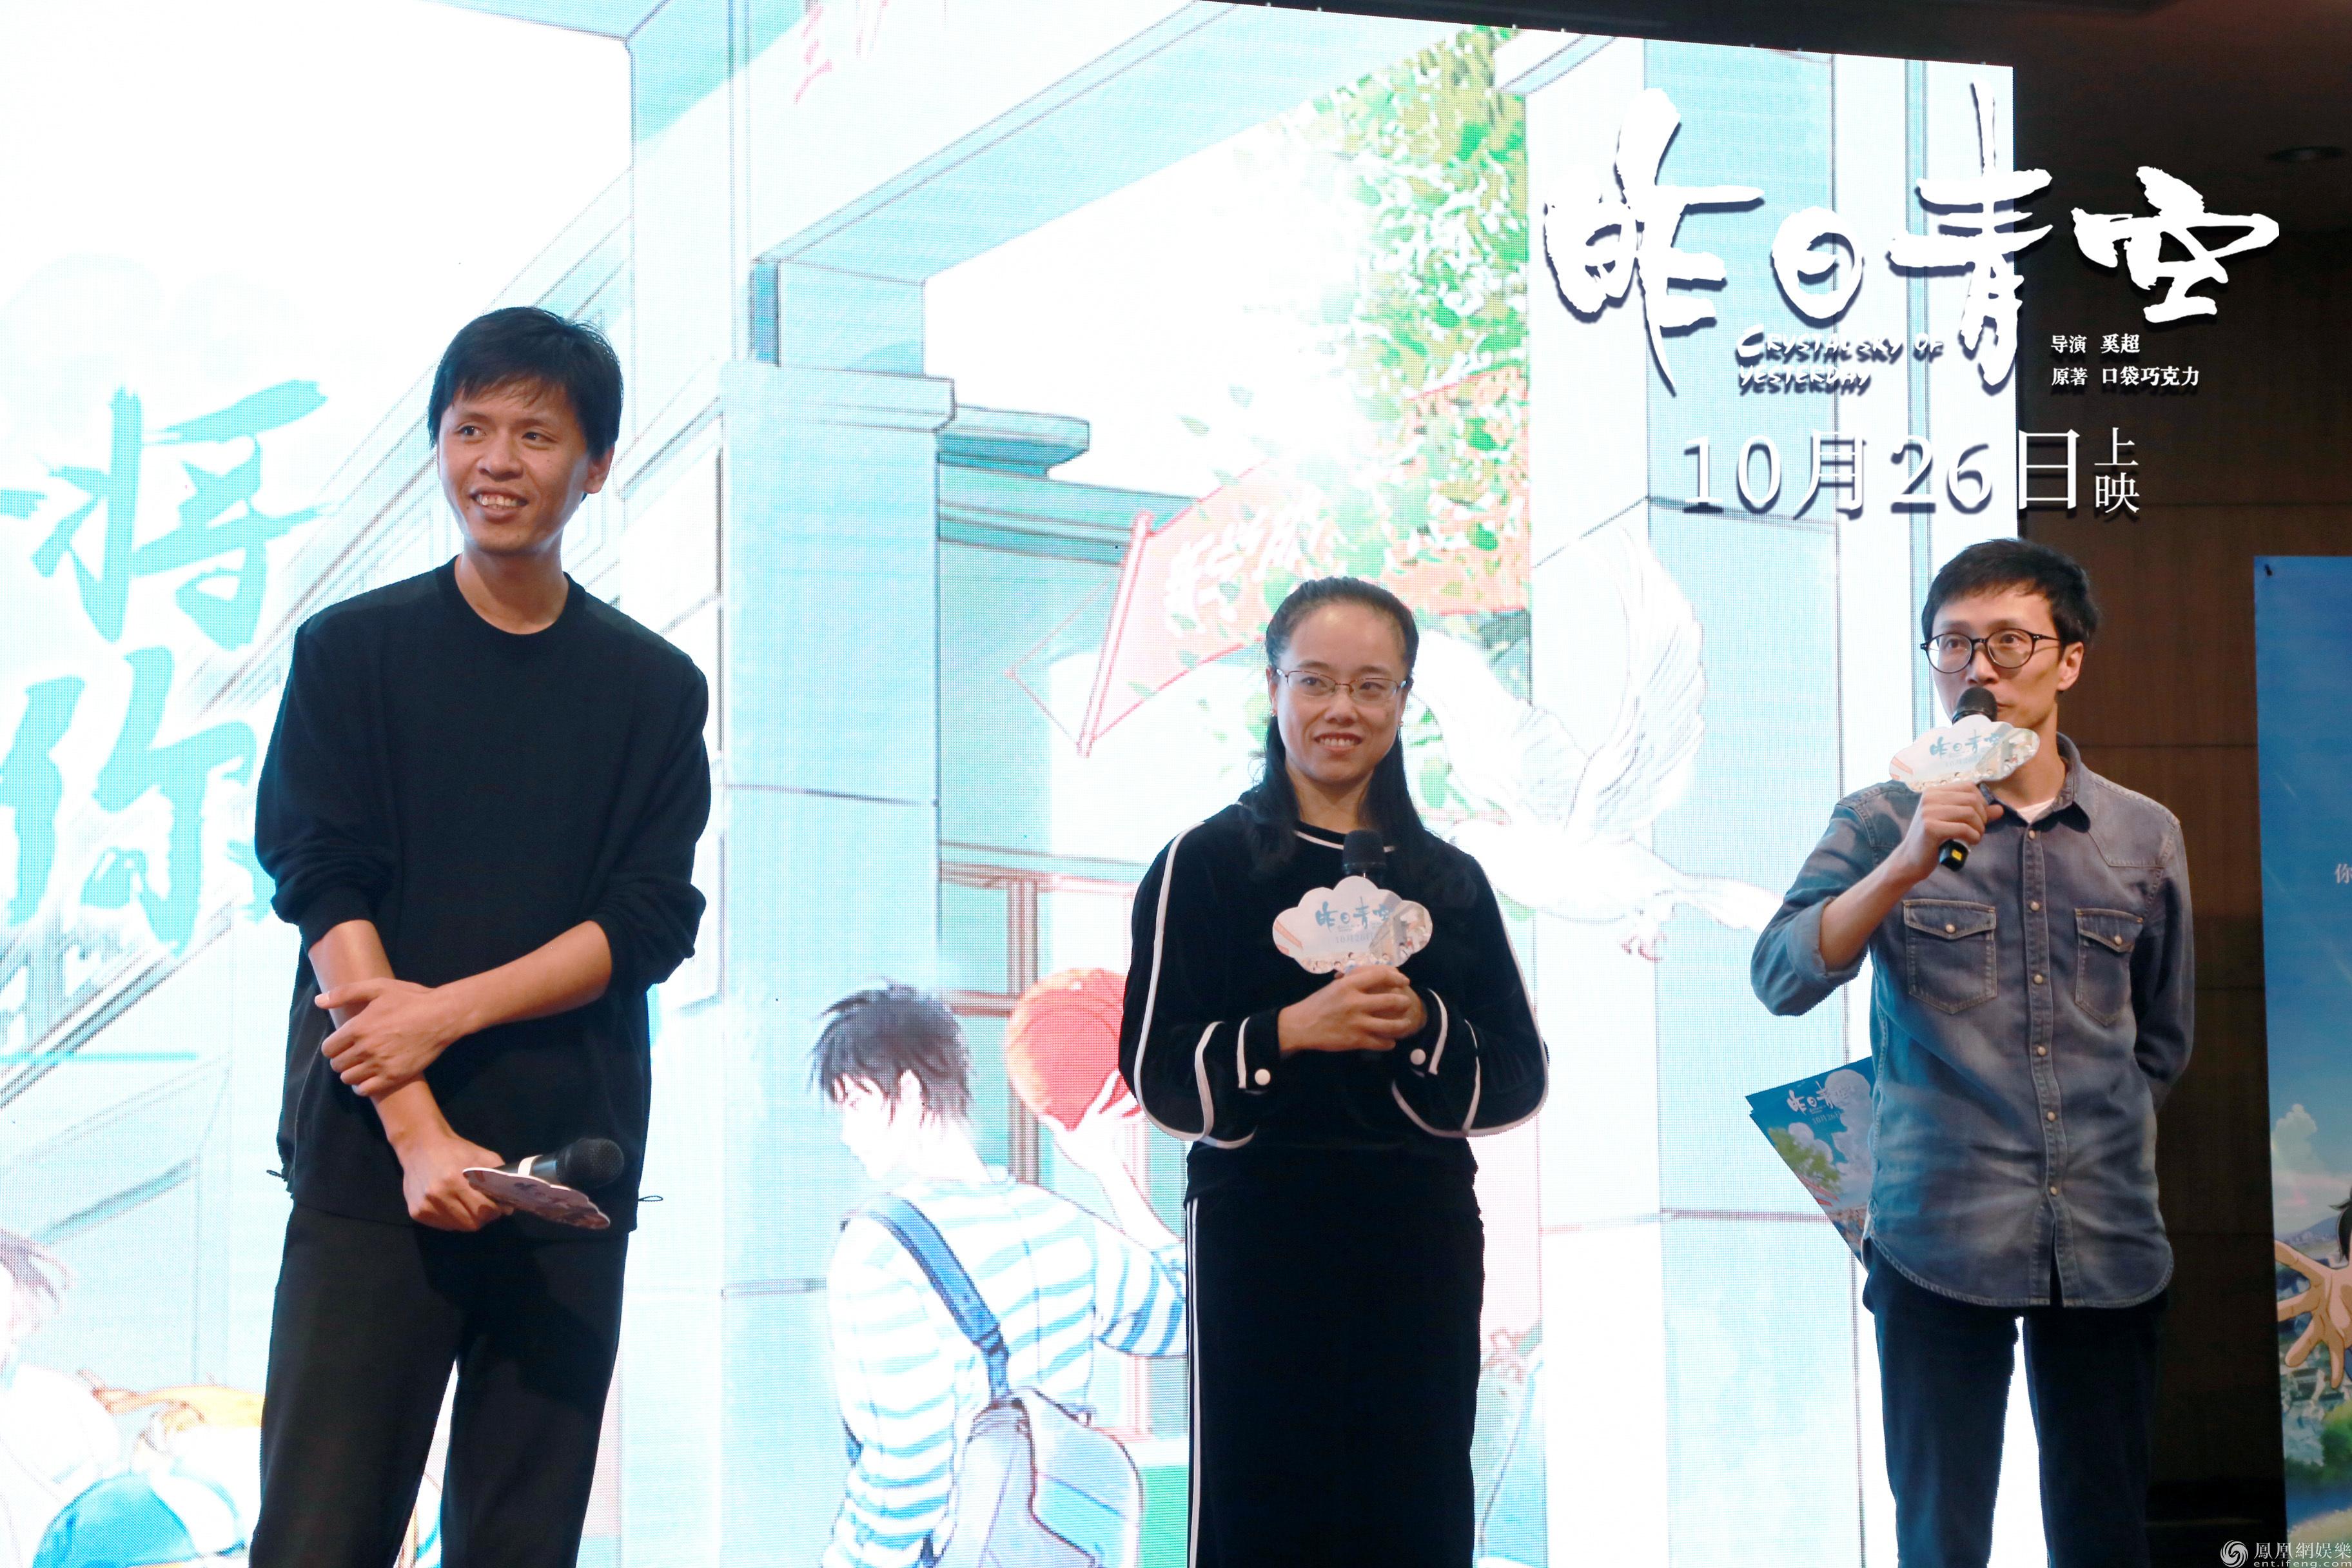 《昨日青空》X《悲伤逆流成河》 中国式青春独白